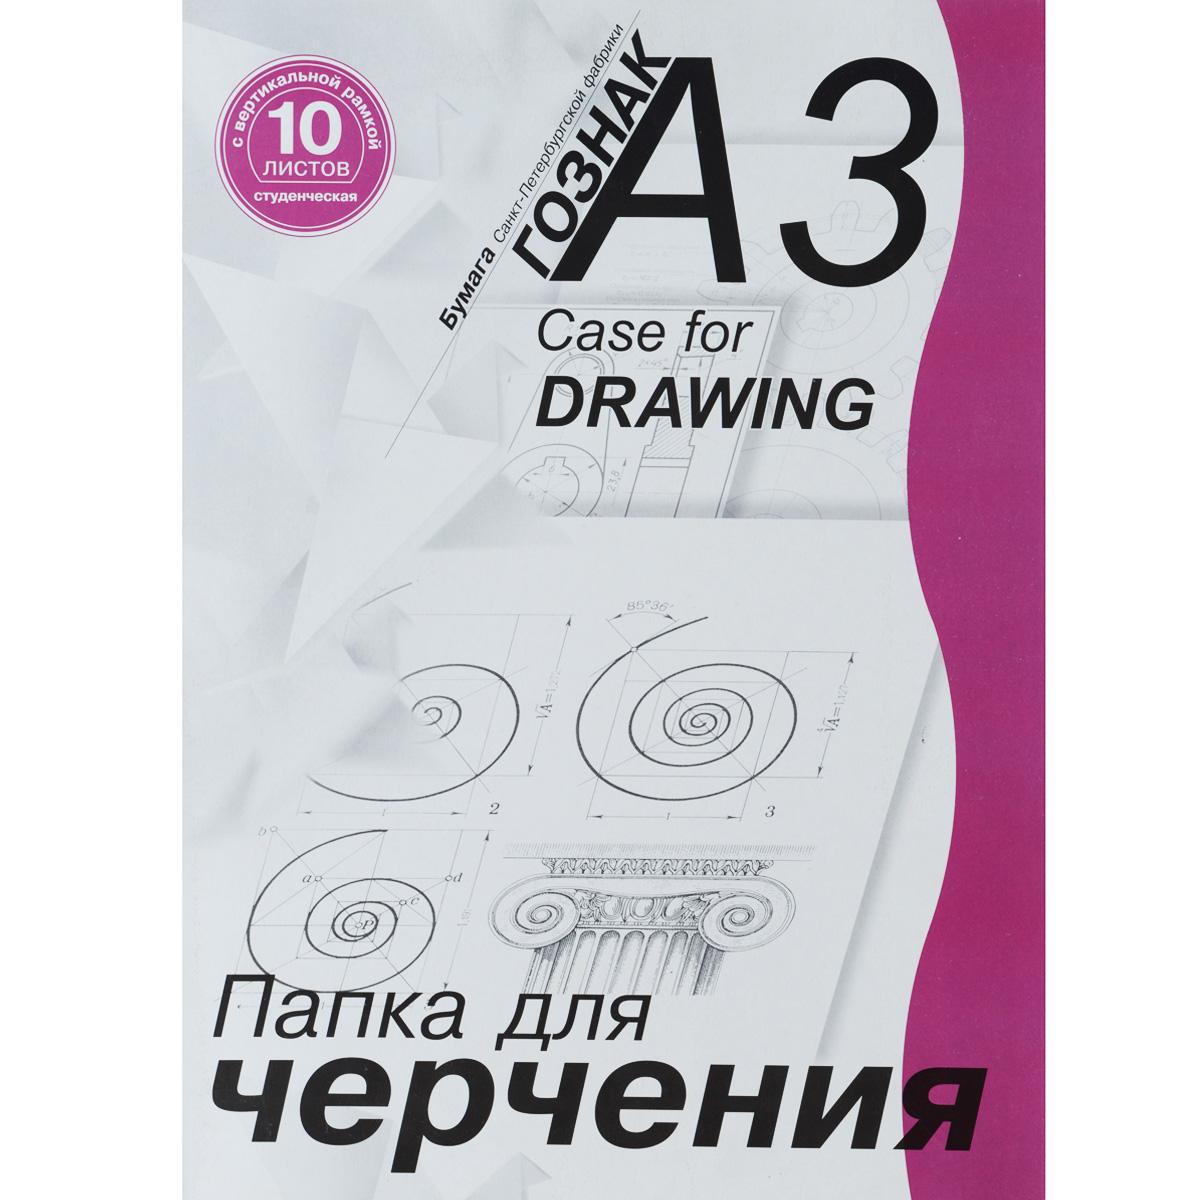 Папка для черчения Гознак, с вертикальной рамкой, 10 листов, формат А3 апплика папка для черчения манхеттен формат а3 10 листов